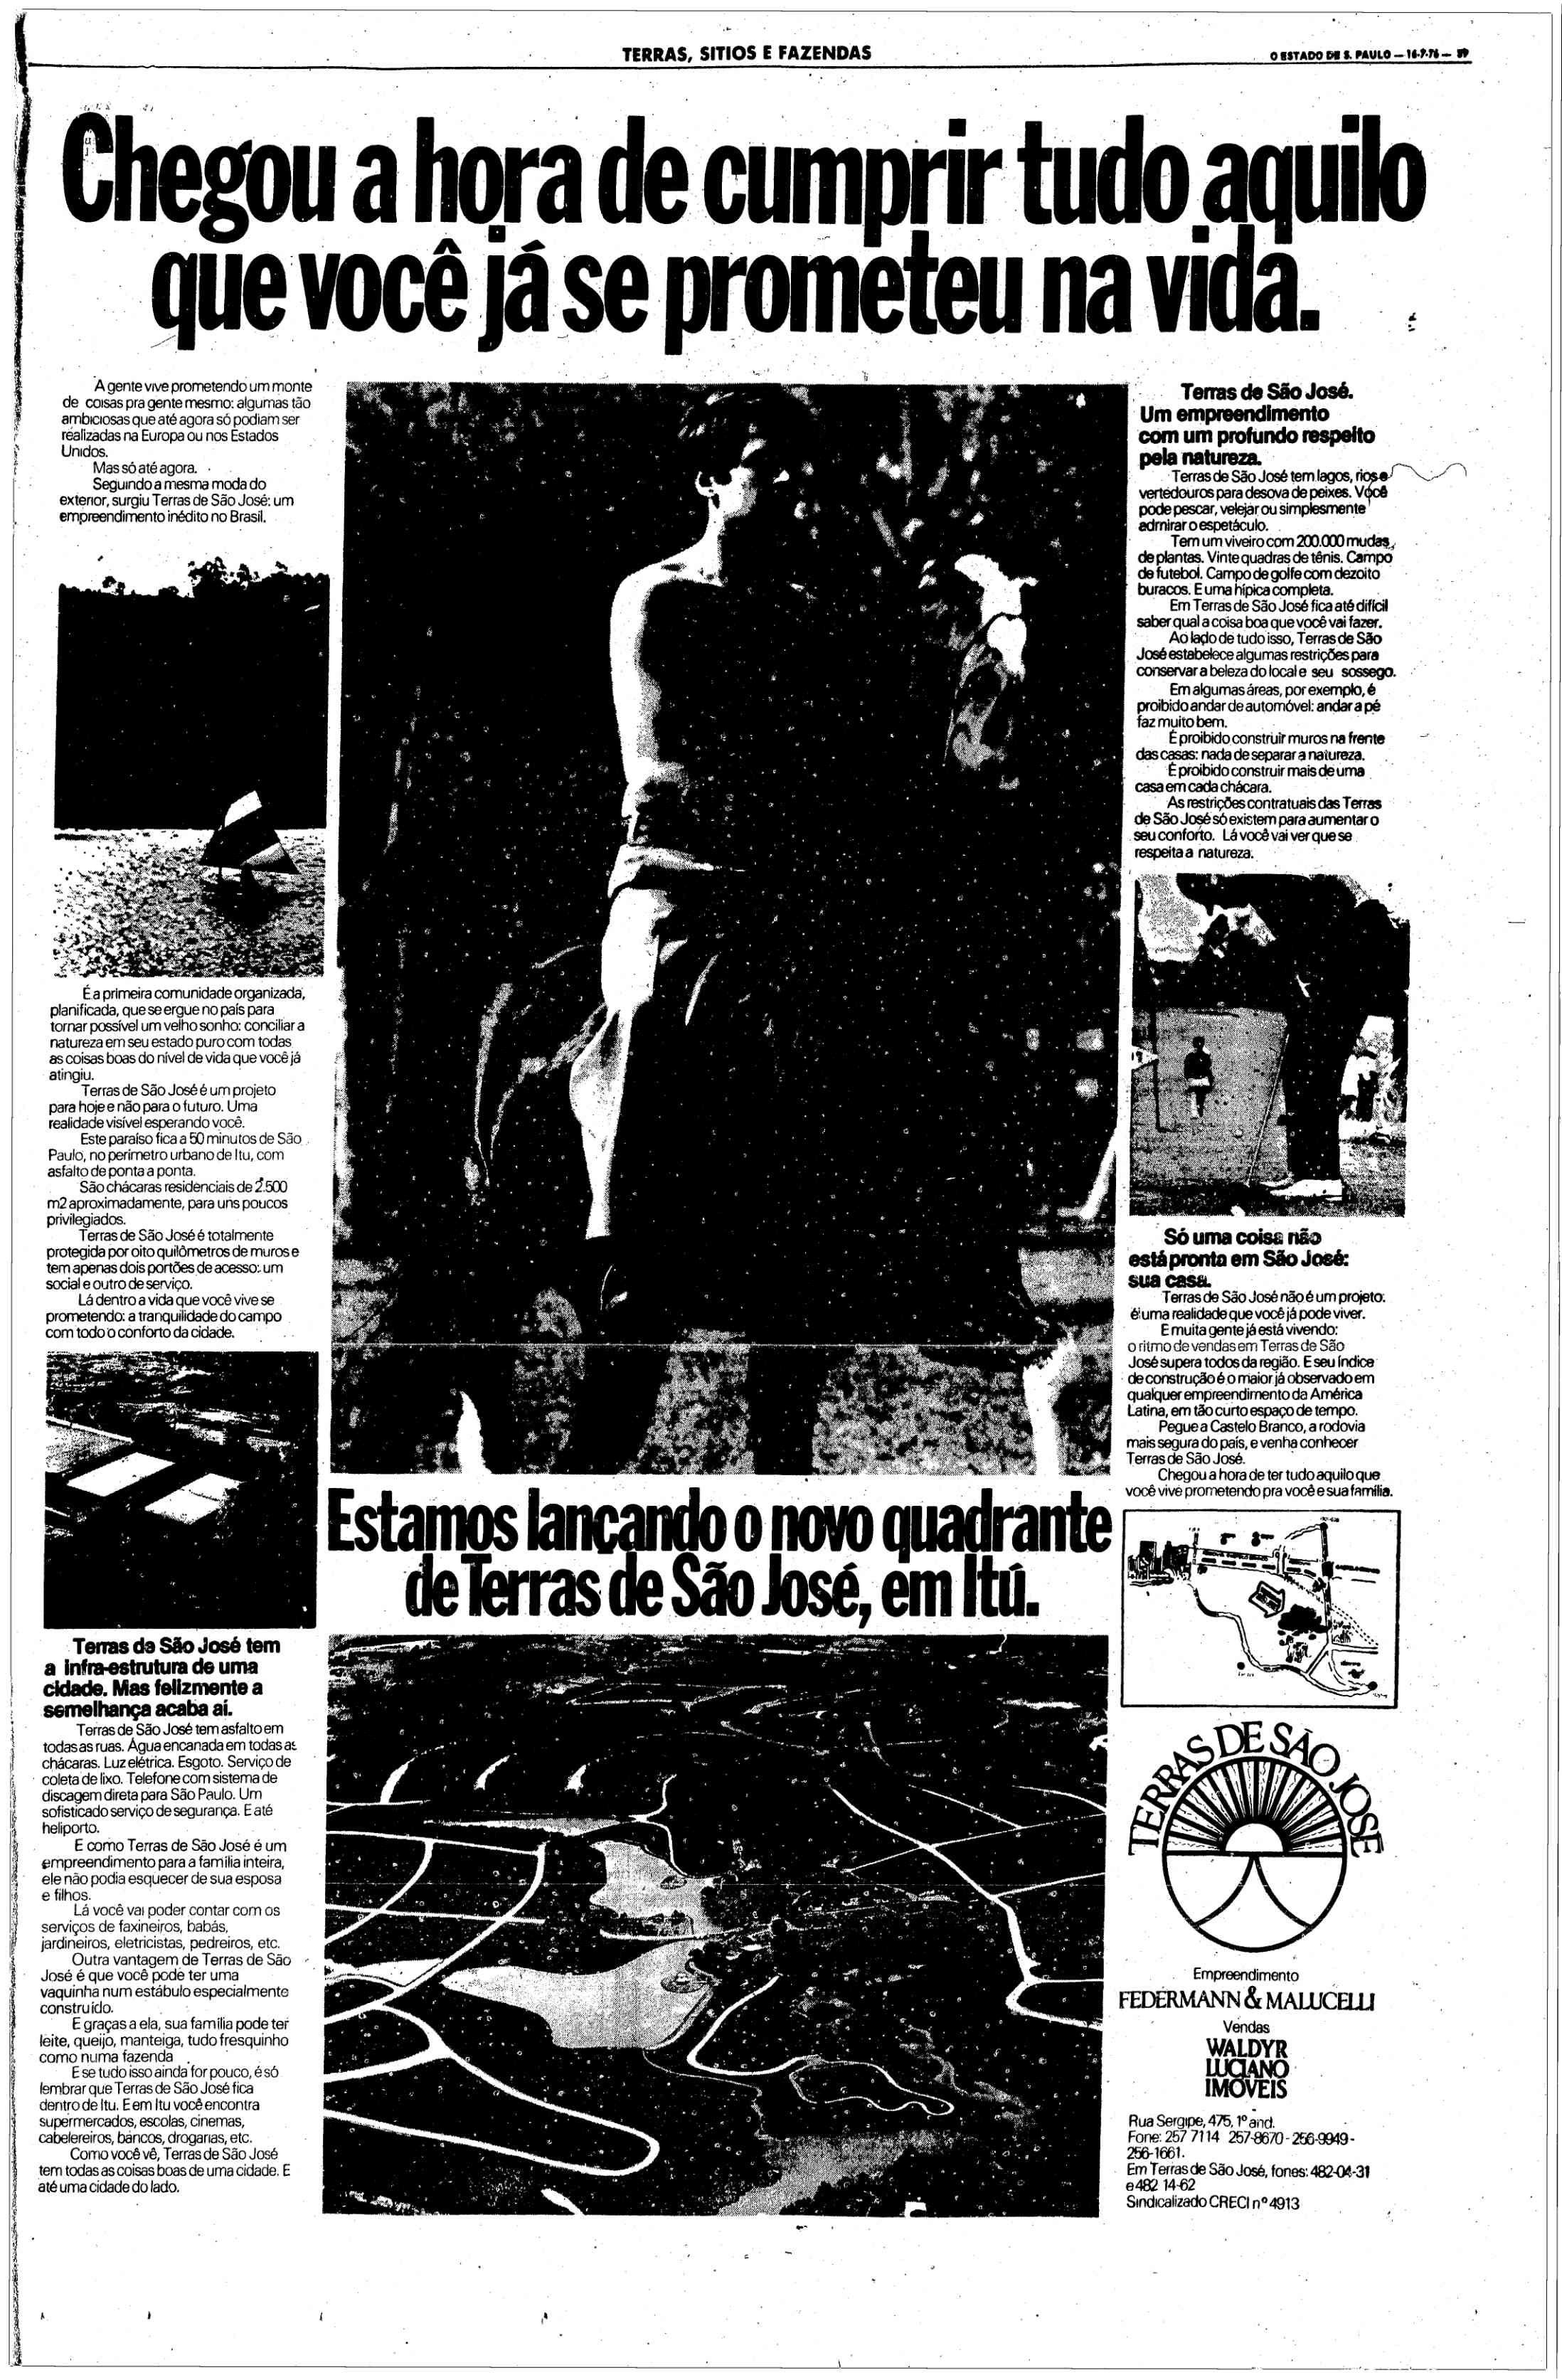 Terras de São José - condomínio - 1976